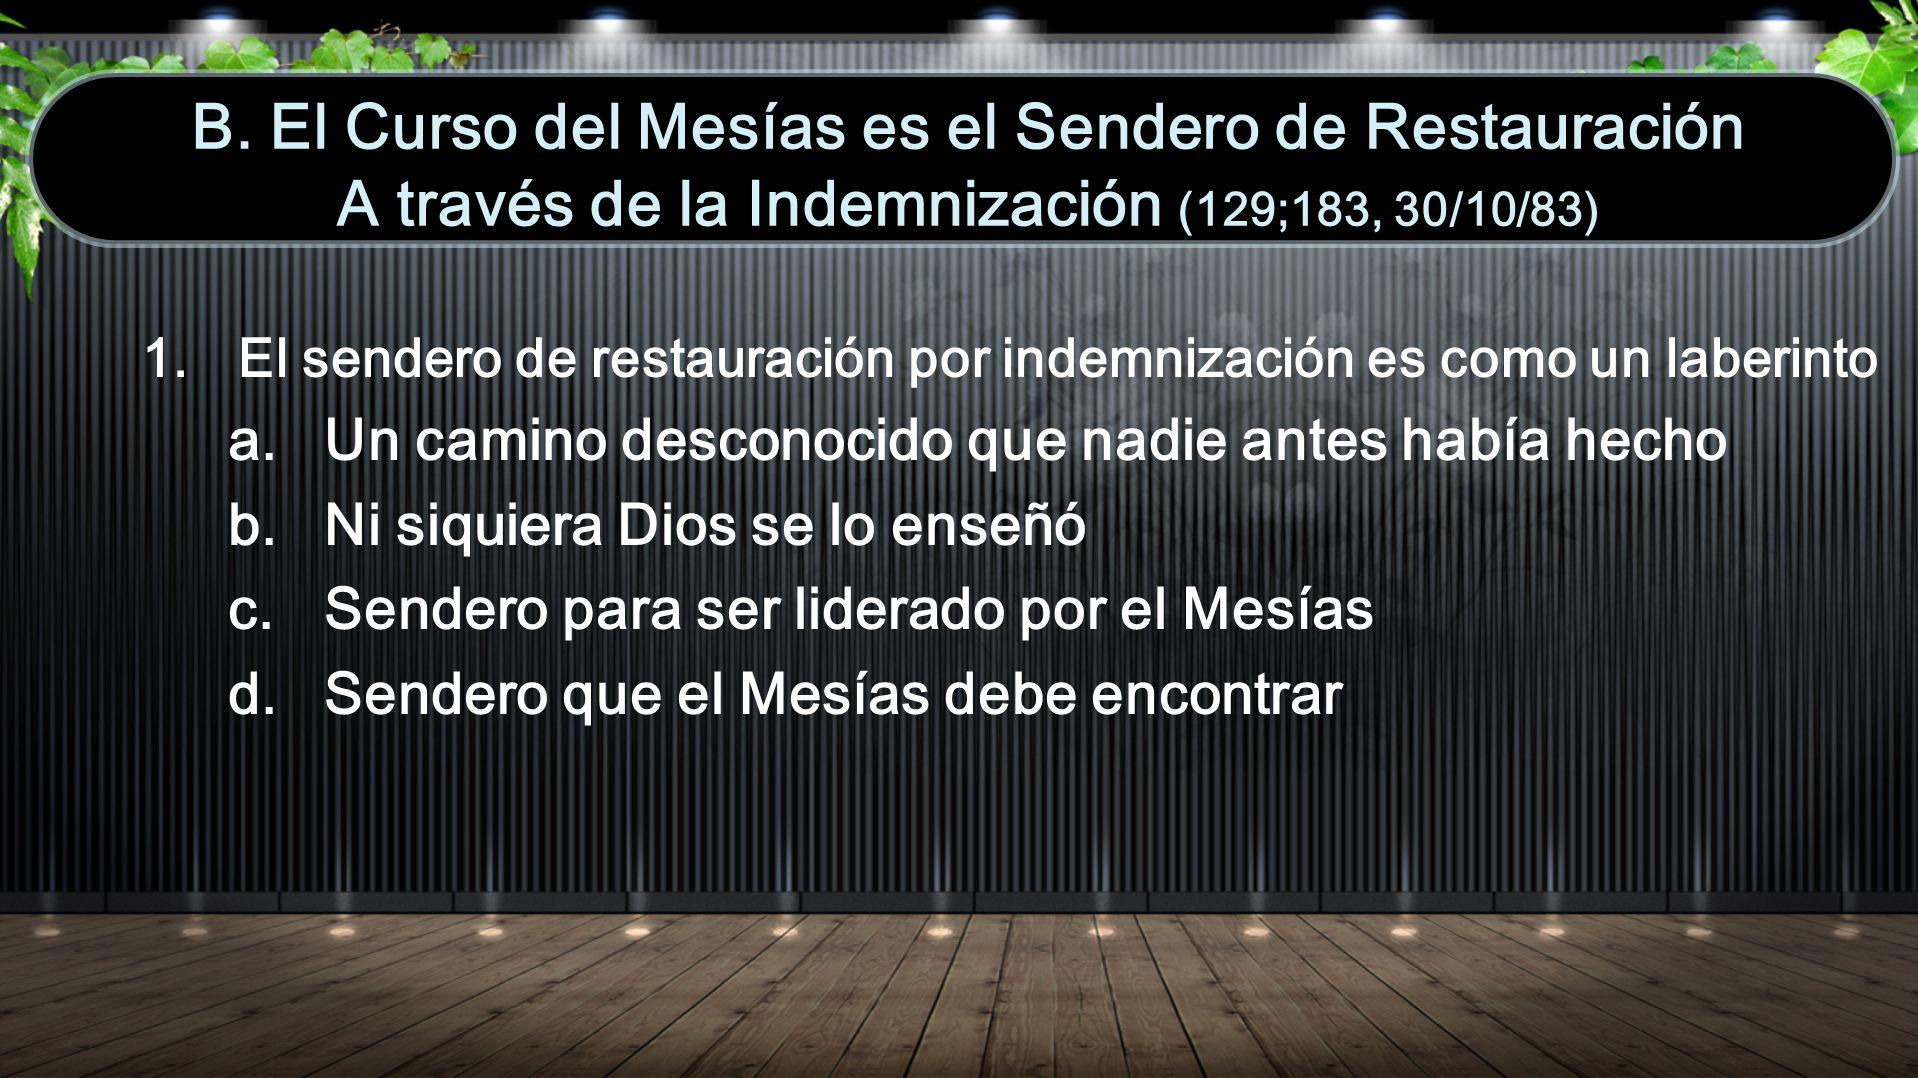 B. El Curso del Mesías es el Sendero de Restauración